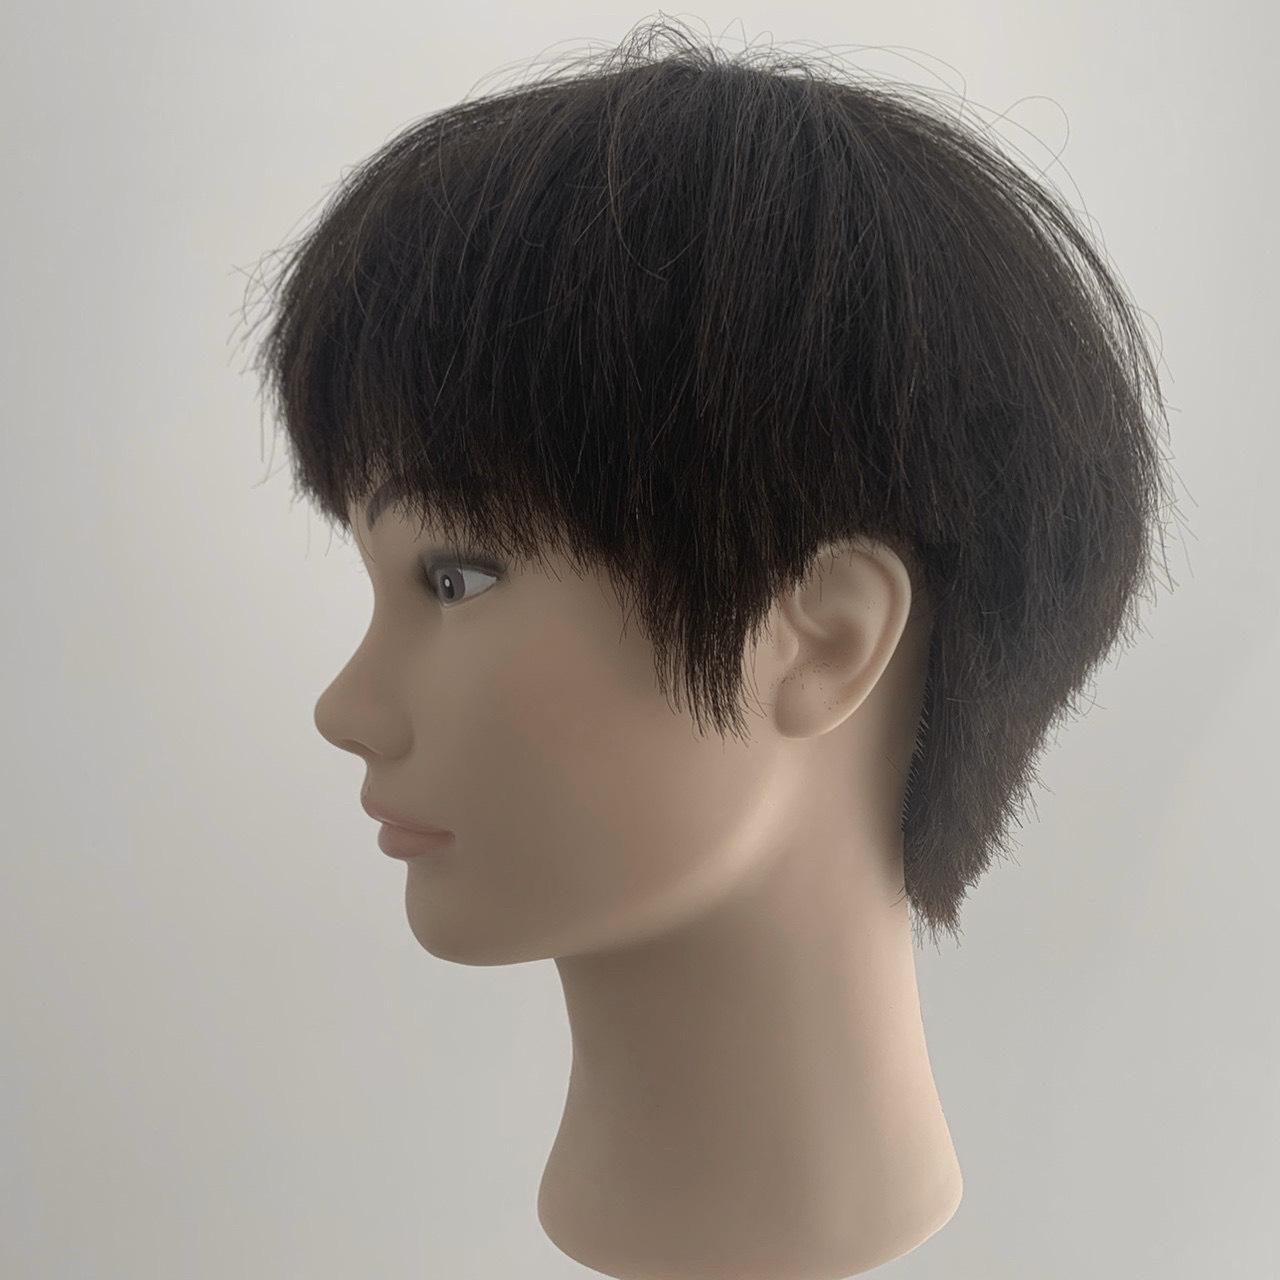 男の子のおうちで髪カット